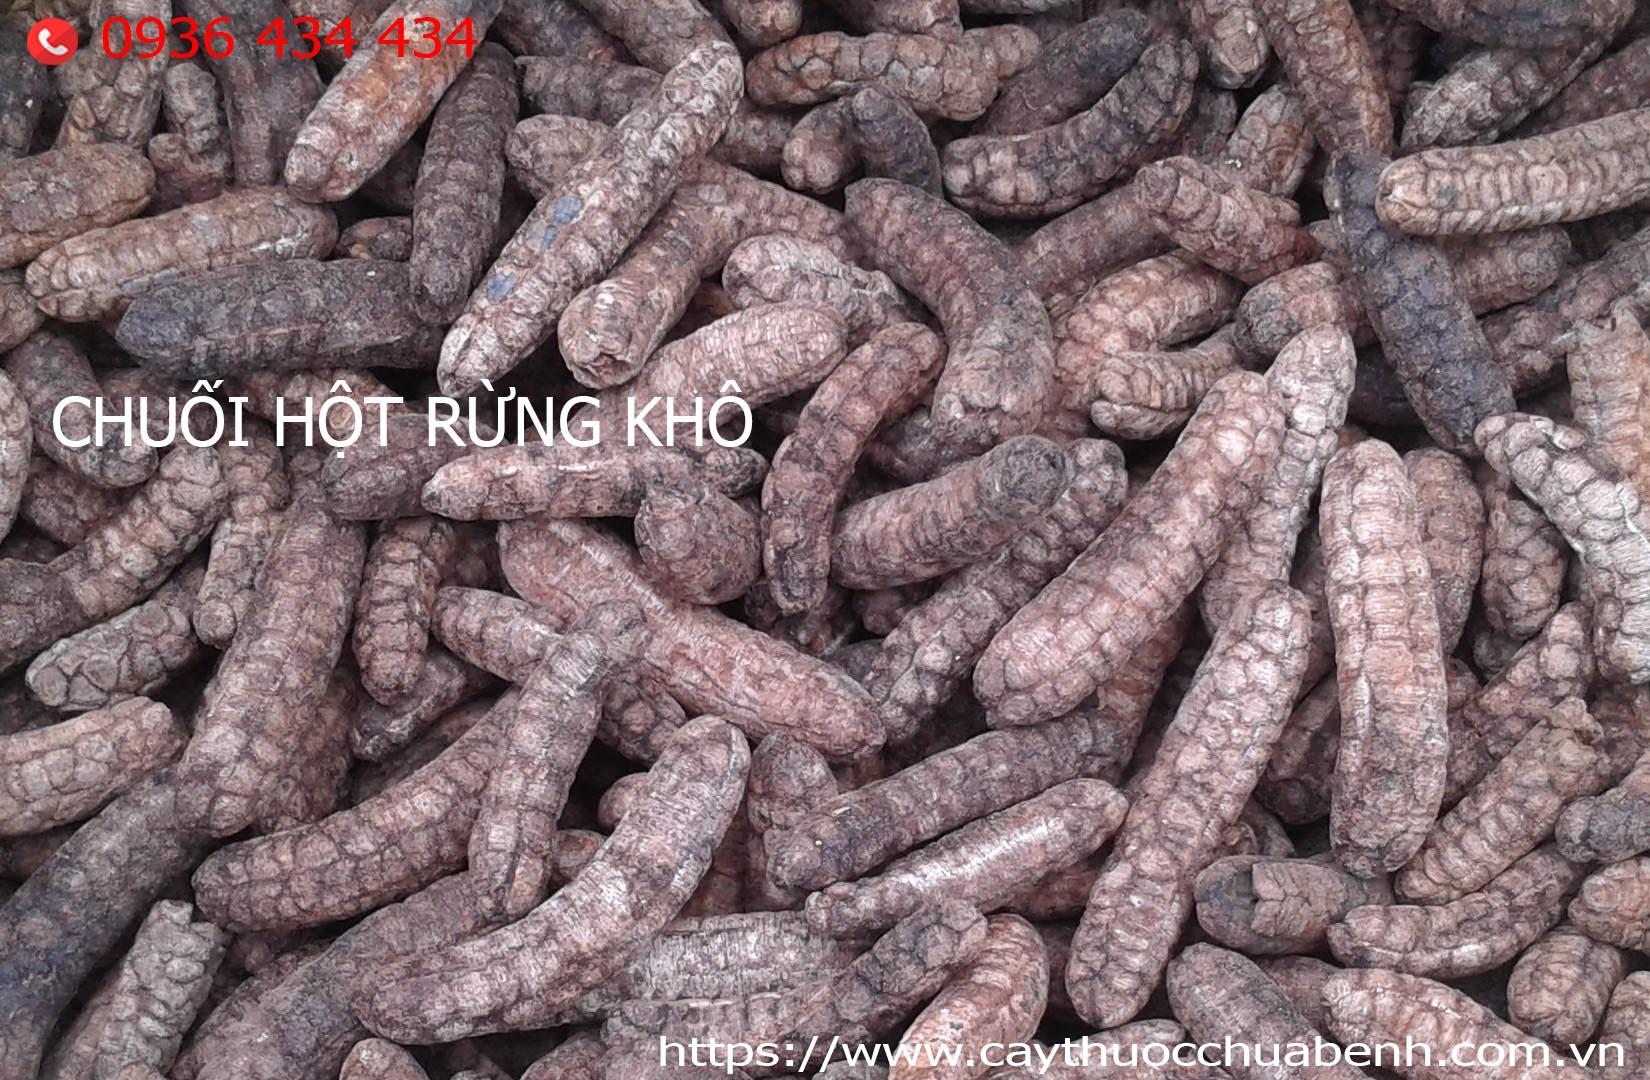 chuoi-hot-rung-kho-cty-duoc-lieu-hong-lan